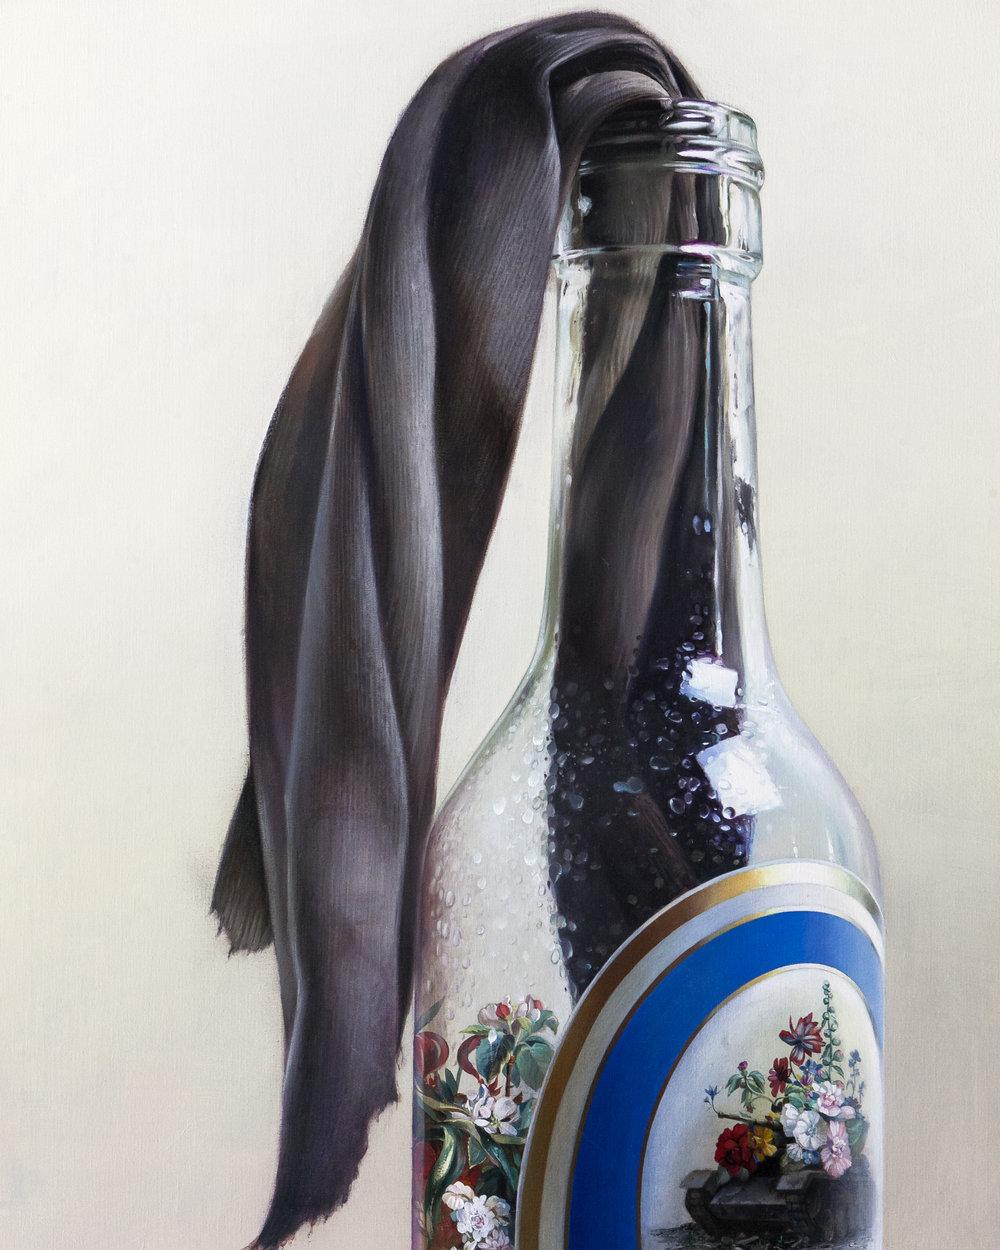 sa_bottle_2.jpg